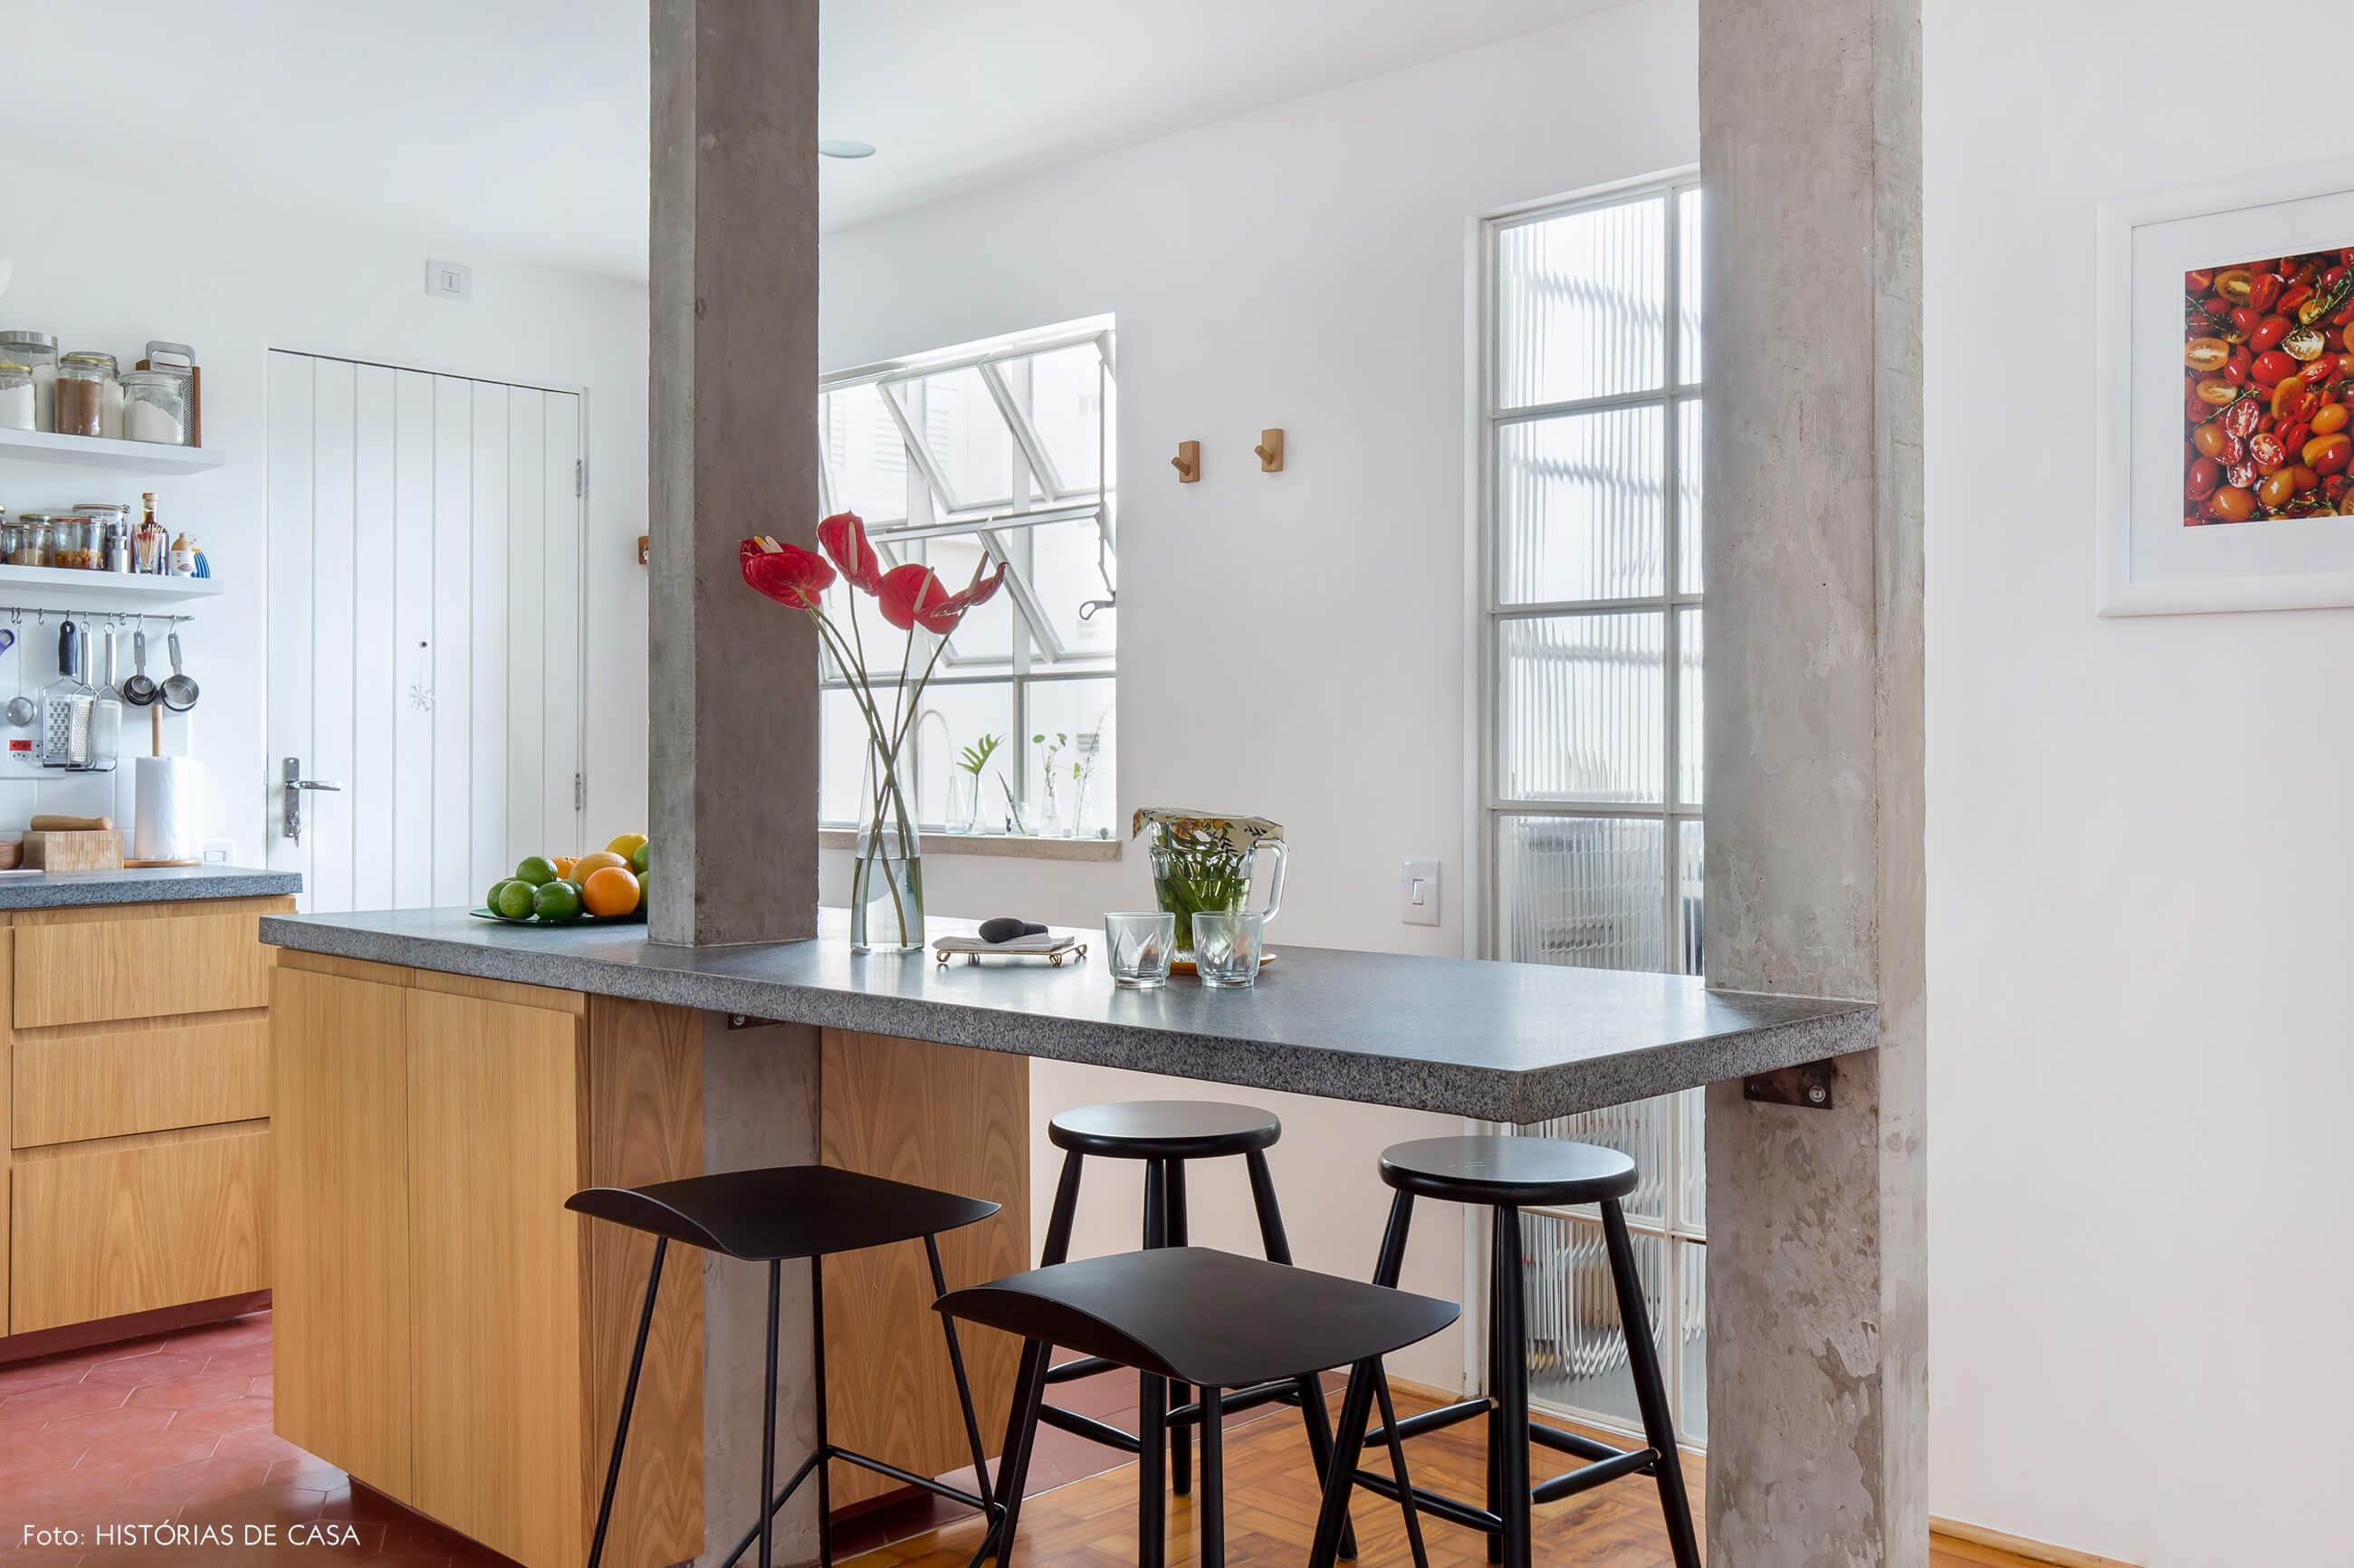 Cozinha reformada com ilha central e bancada de marcenaria